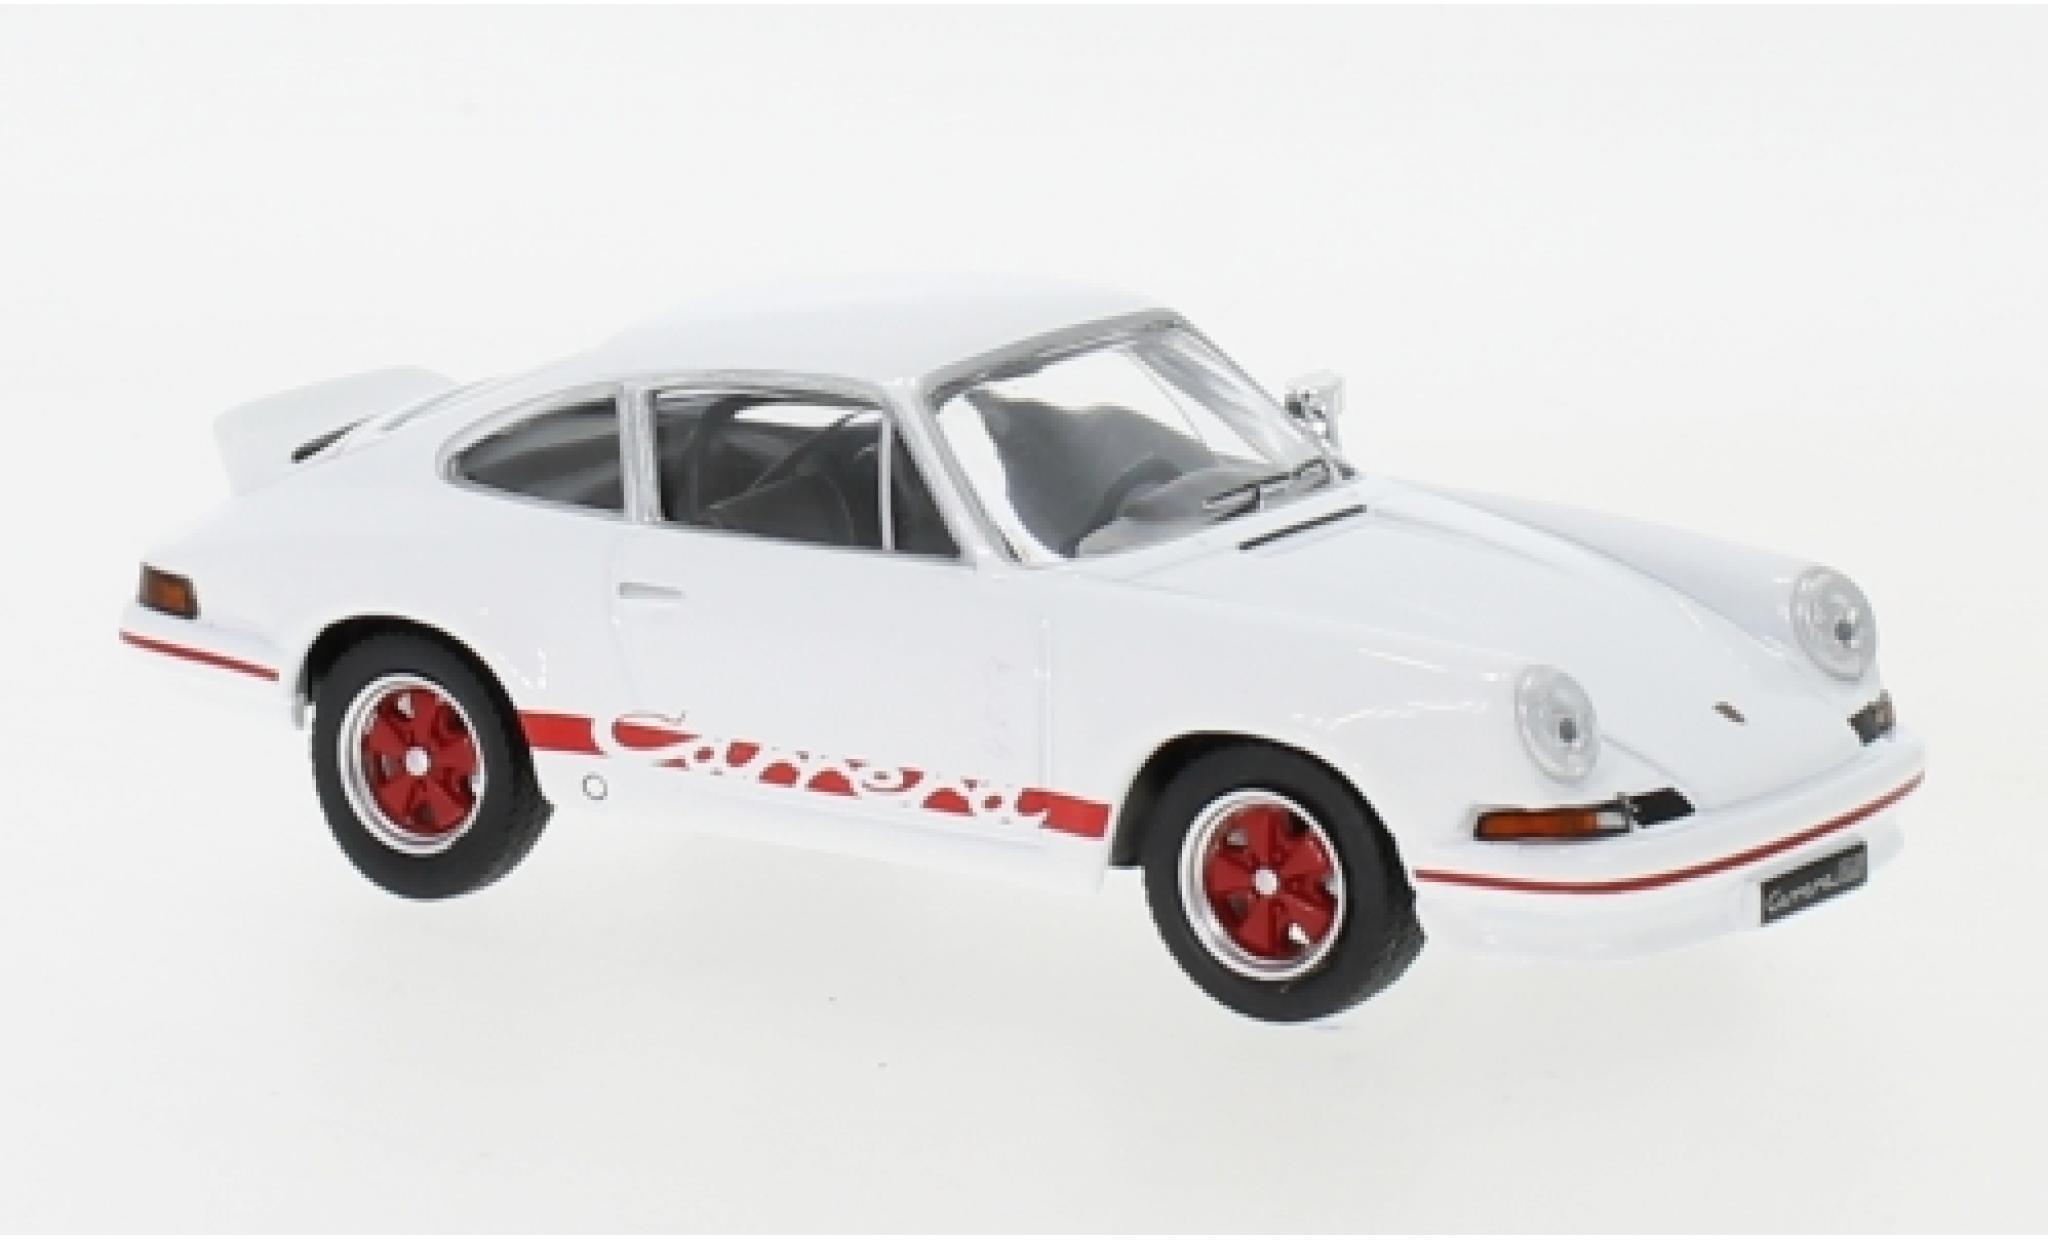 Porsche 911 RS 1/43 IXO Carrera 2.7 white/red 1973